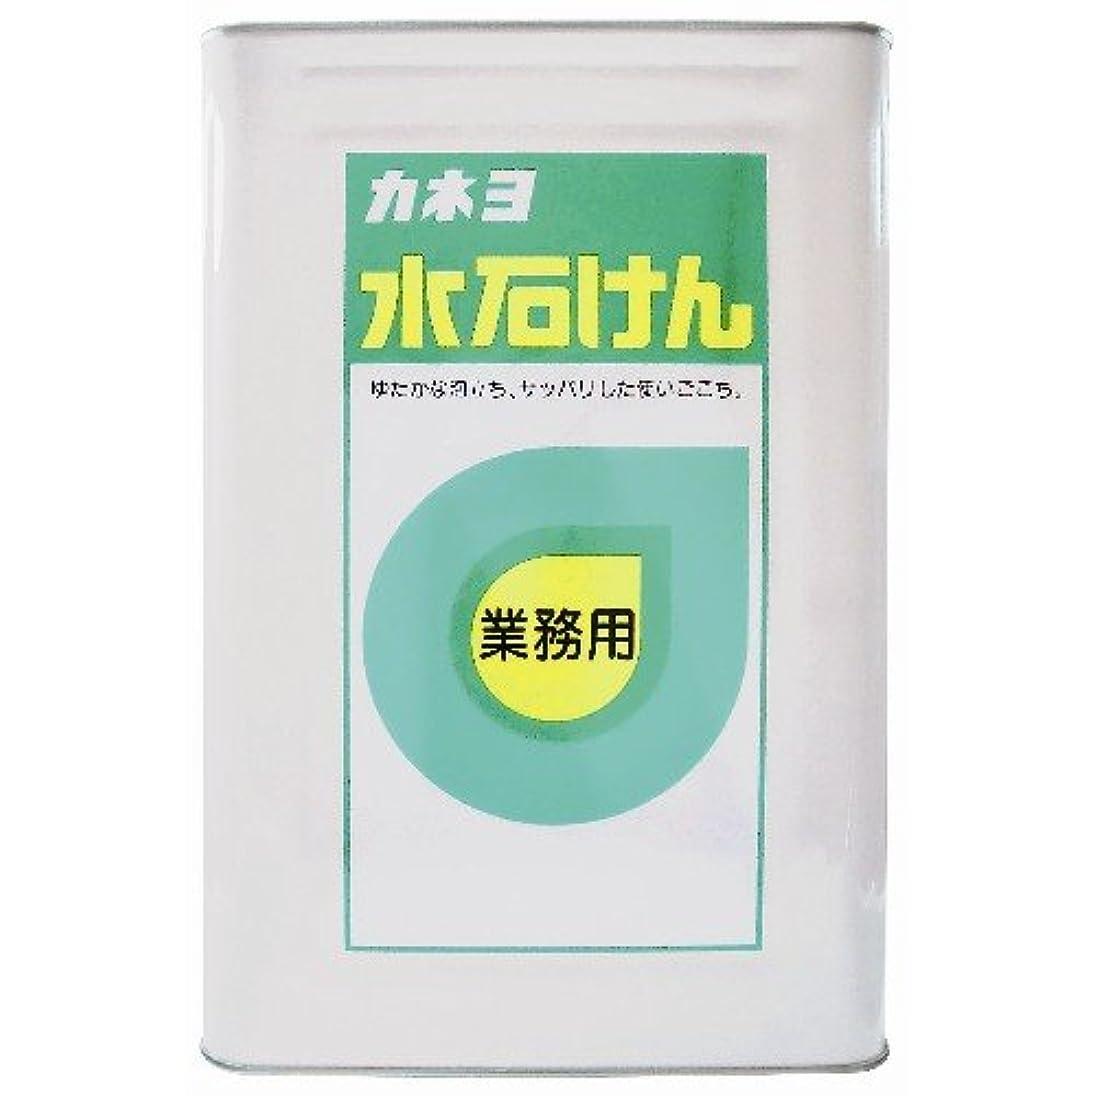 意味する上へスピーカー【大容量】 カネヨ石鹸 ハンドソープ 水石けん 液体 業務用 18L 一斗缶